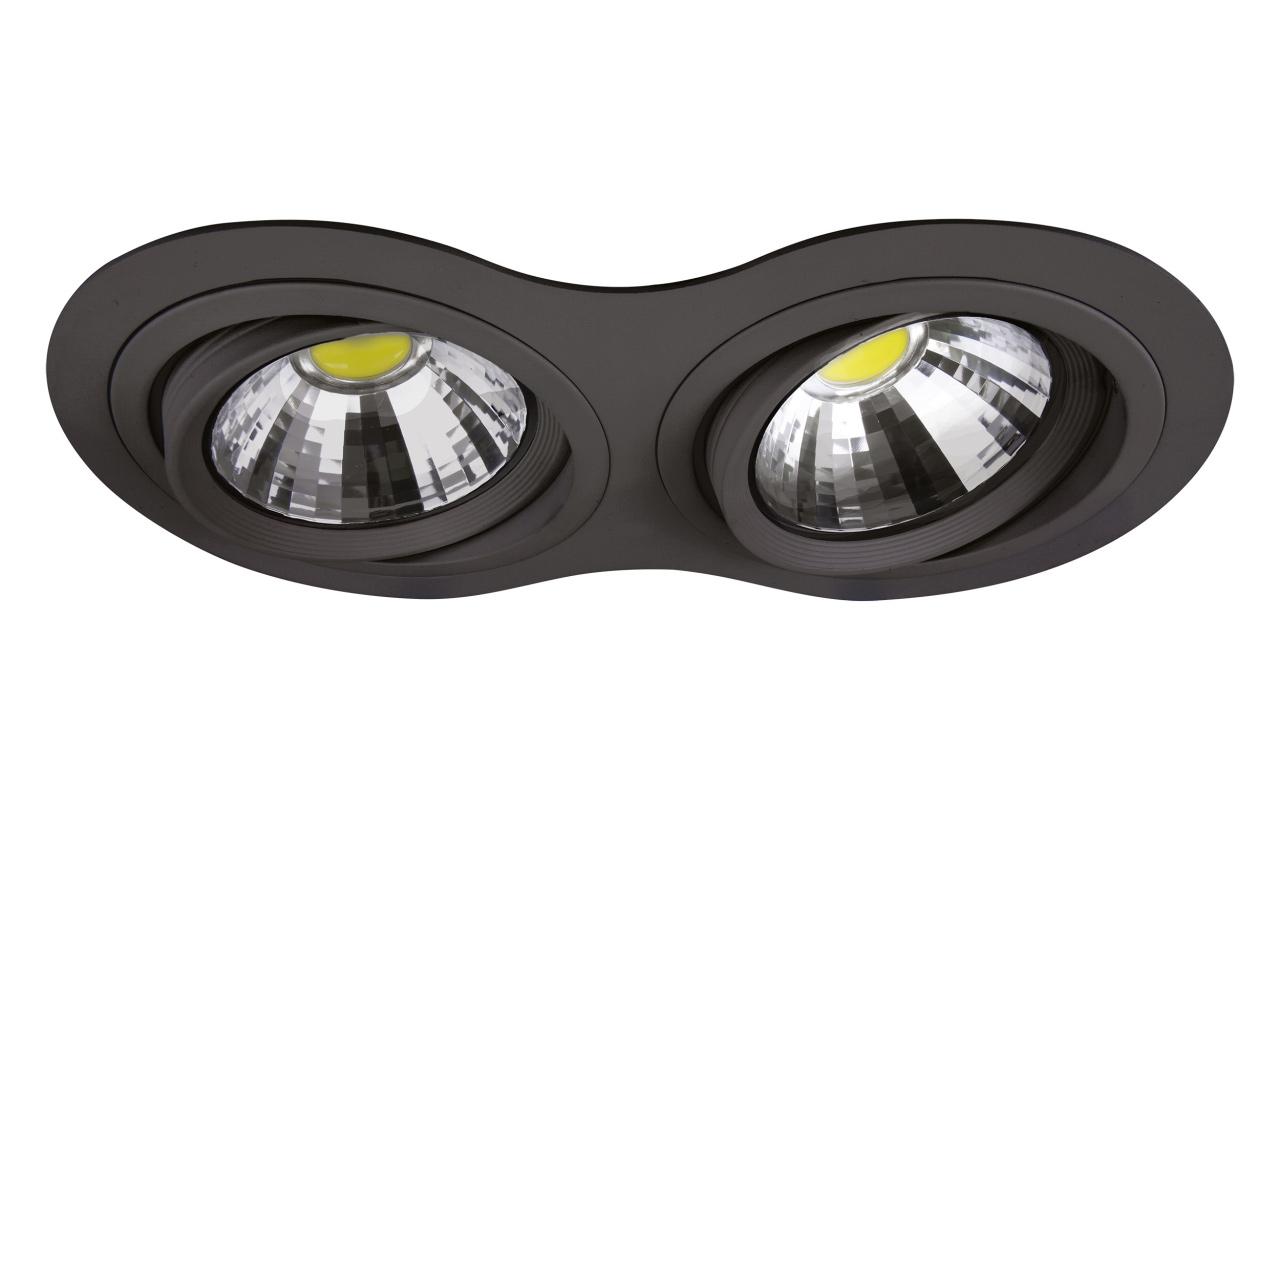 Светильник Intero 111 AR111 черный Lightstar 214327